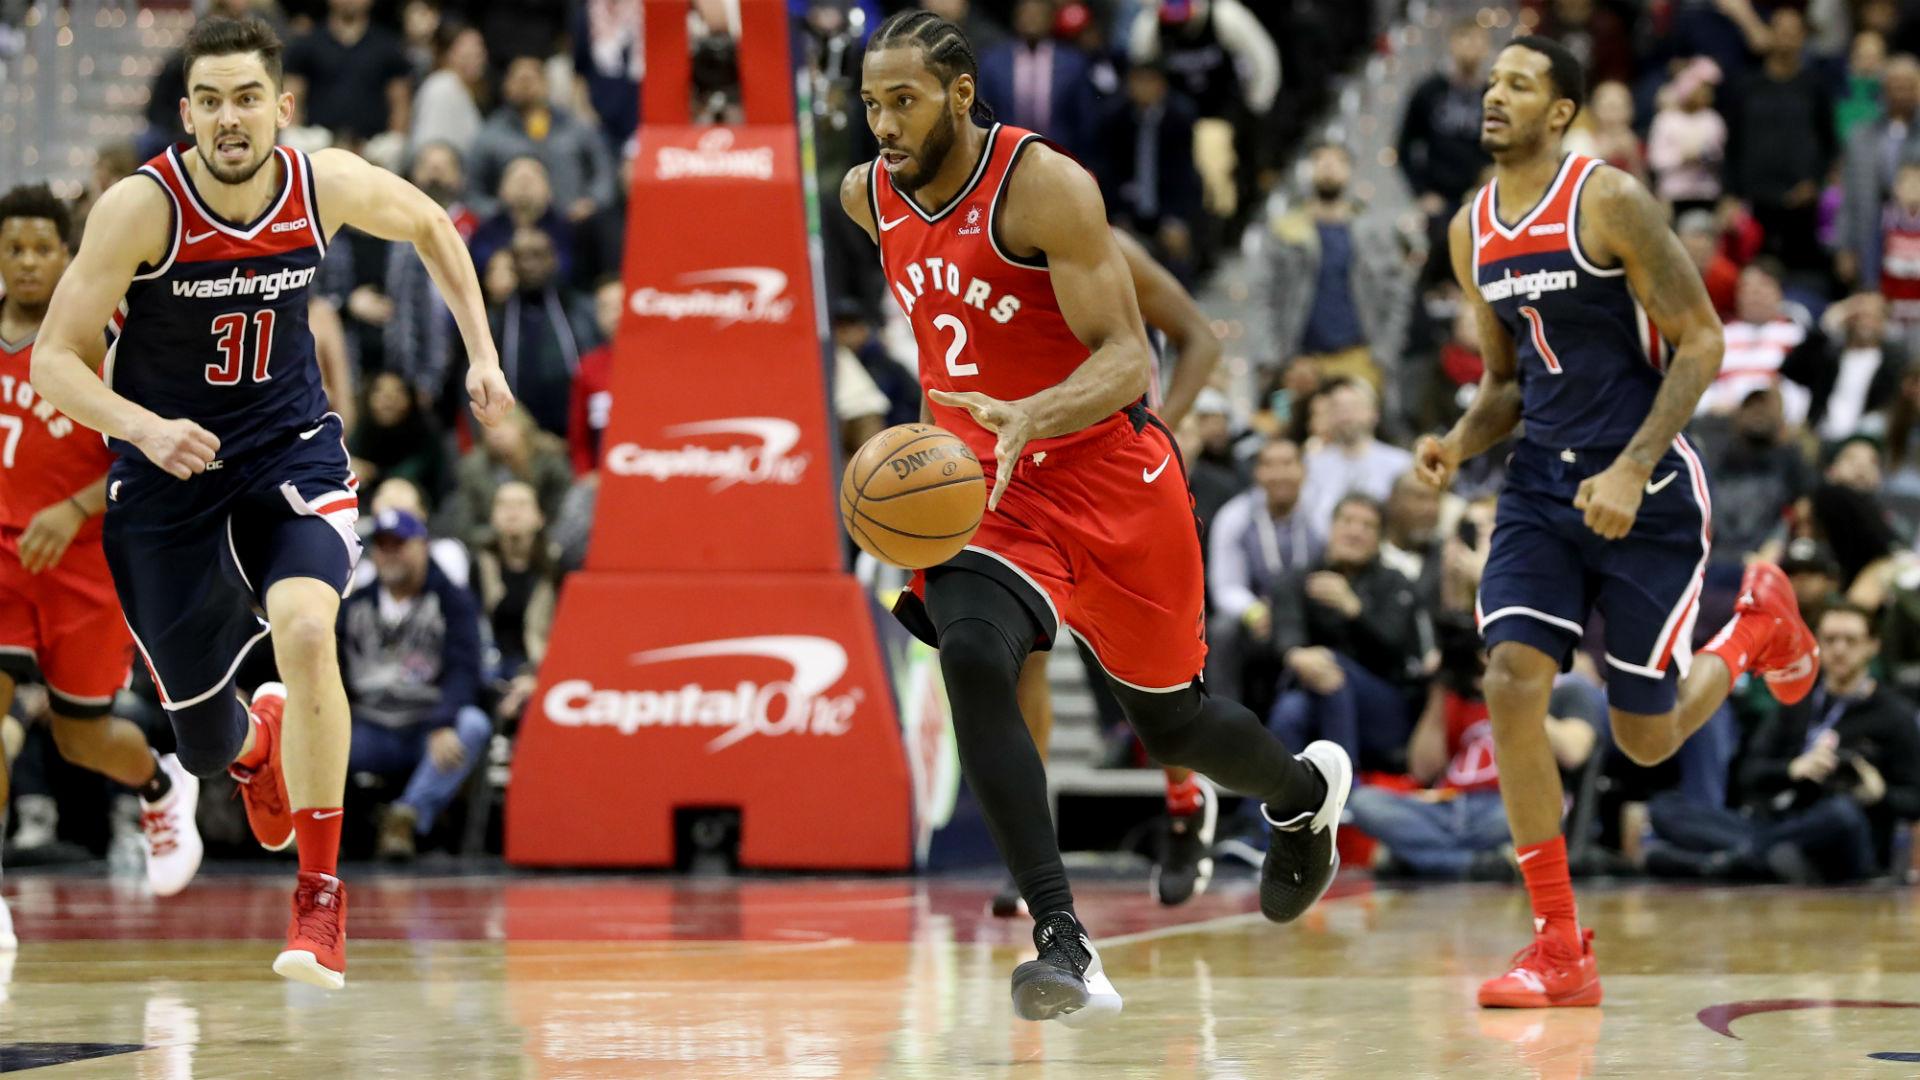 Leonard scores 41 as Raptors top Wizards in double OT,  Warriors win